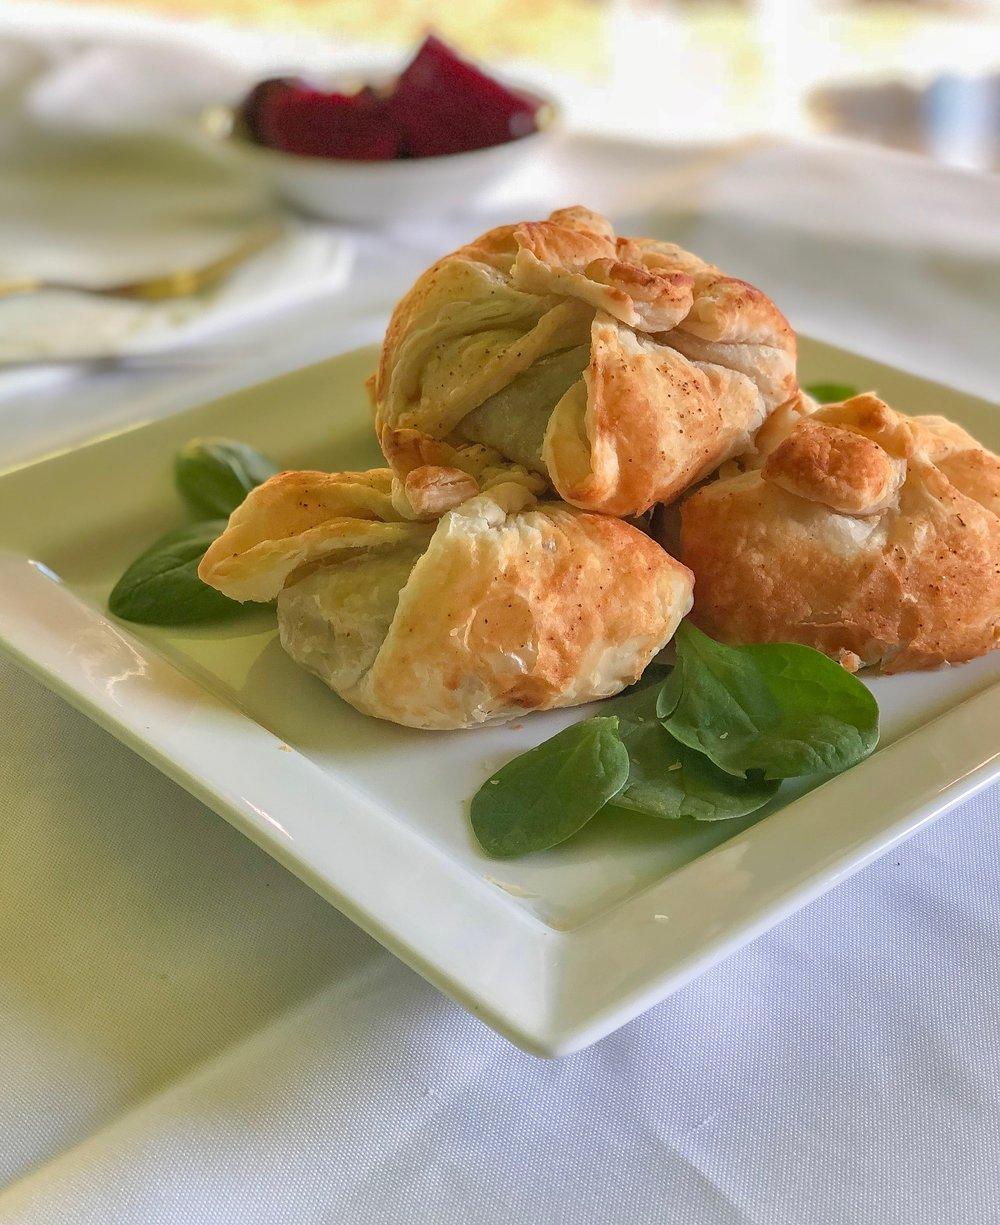 Bouchées au pain de seitan